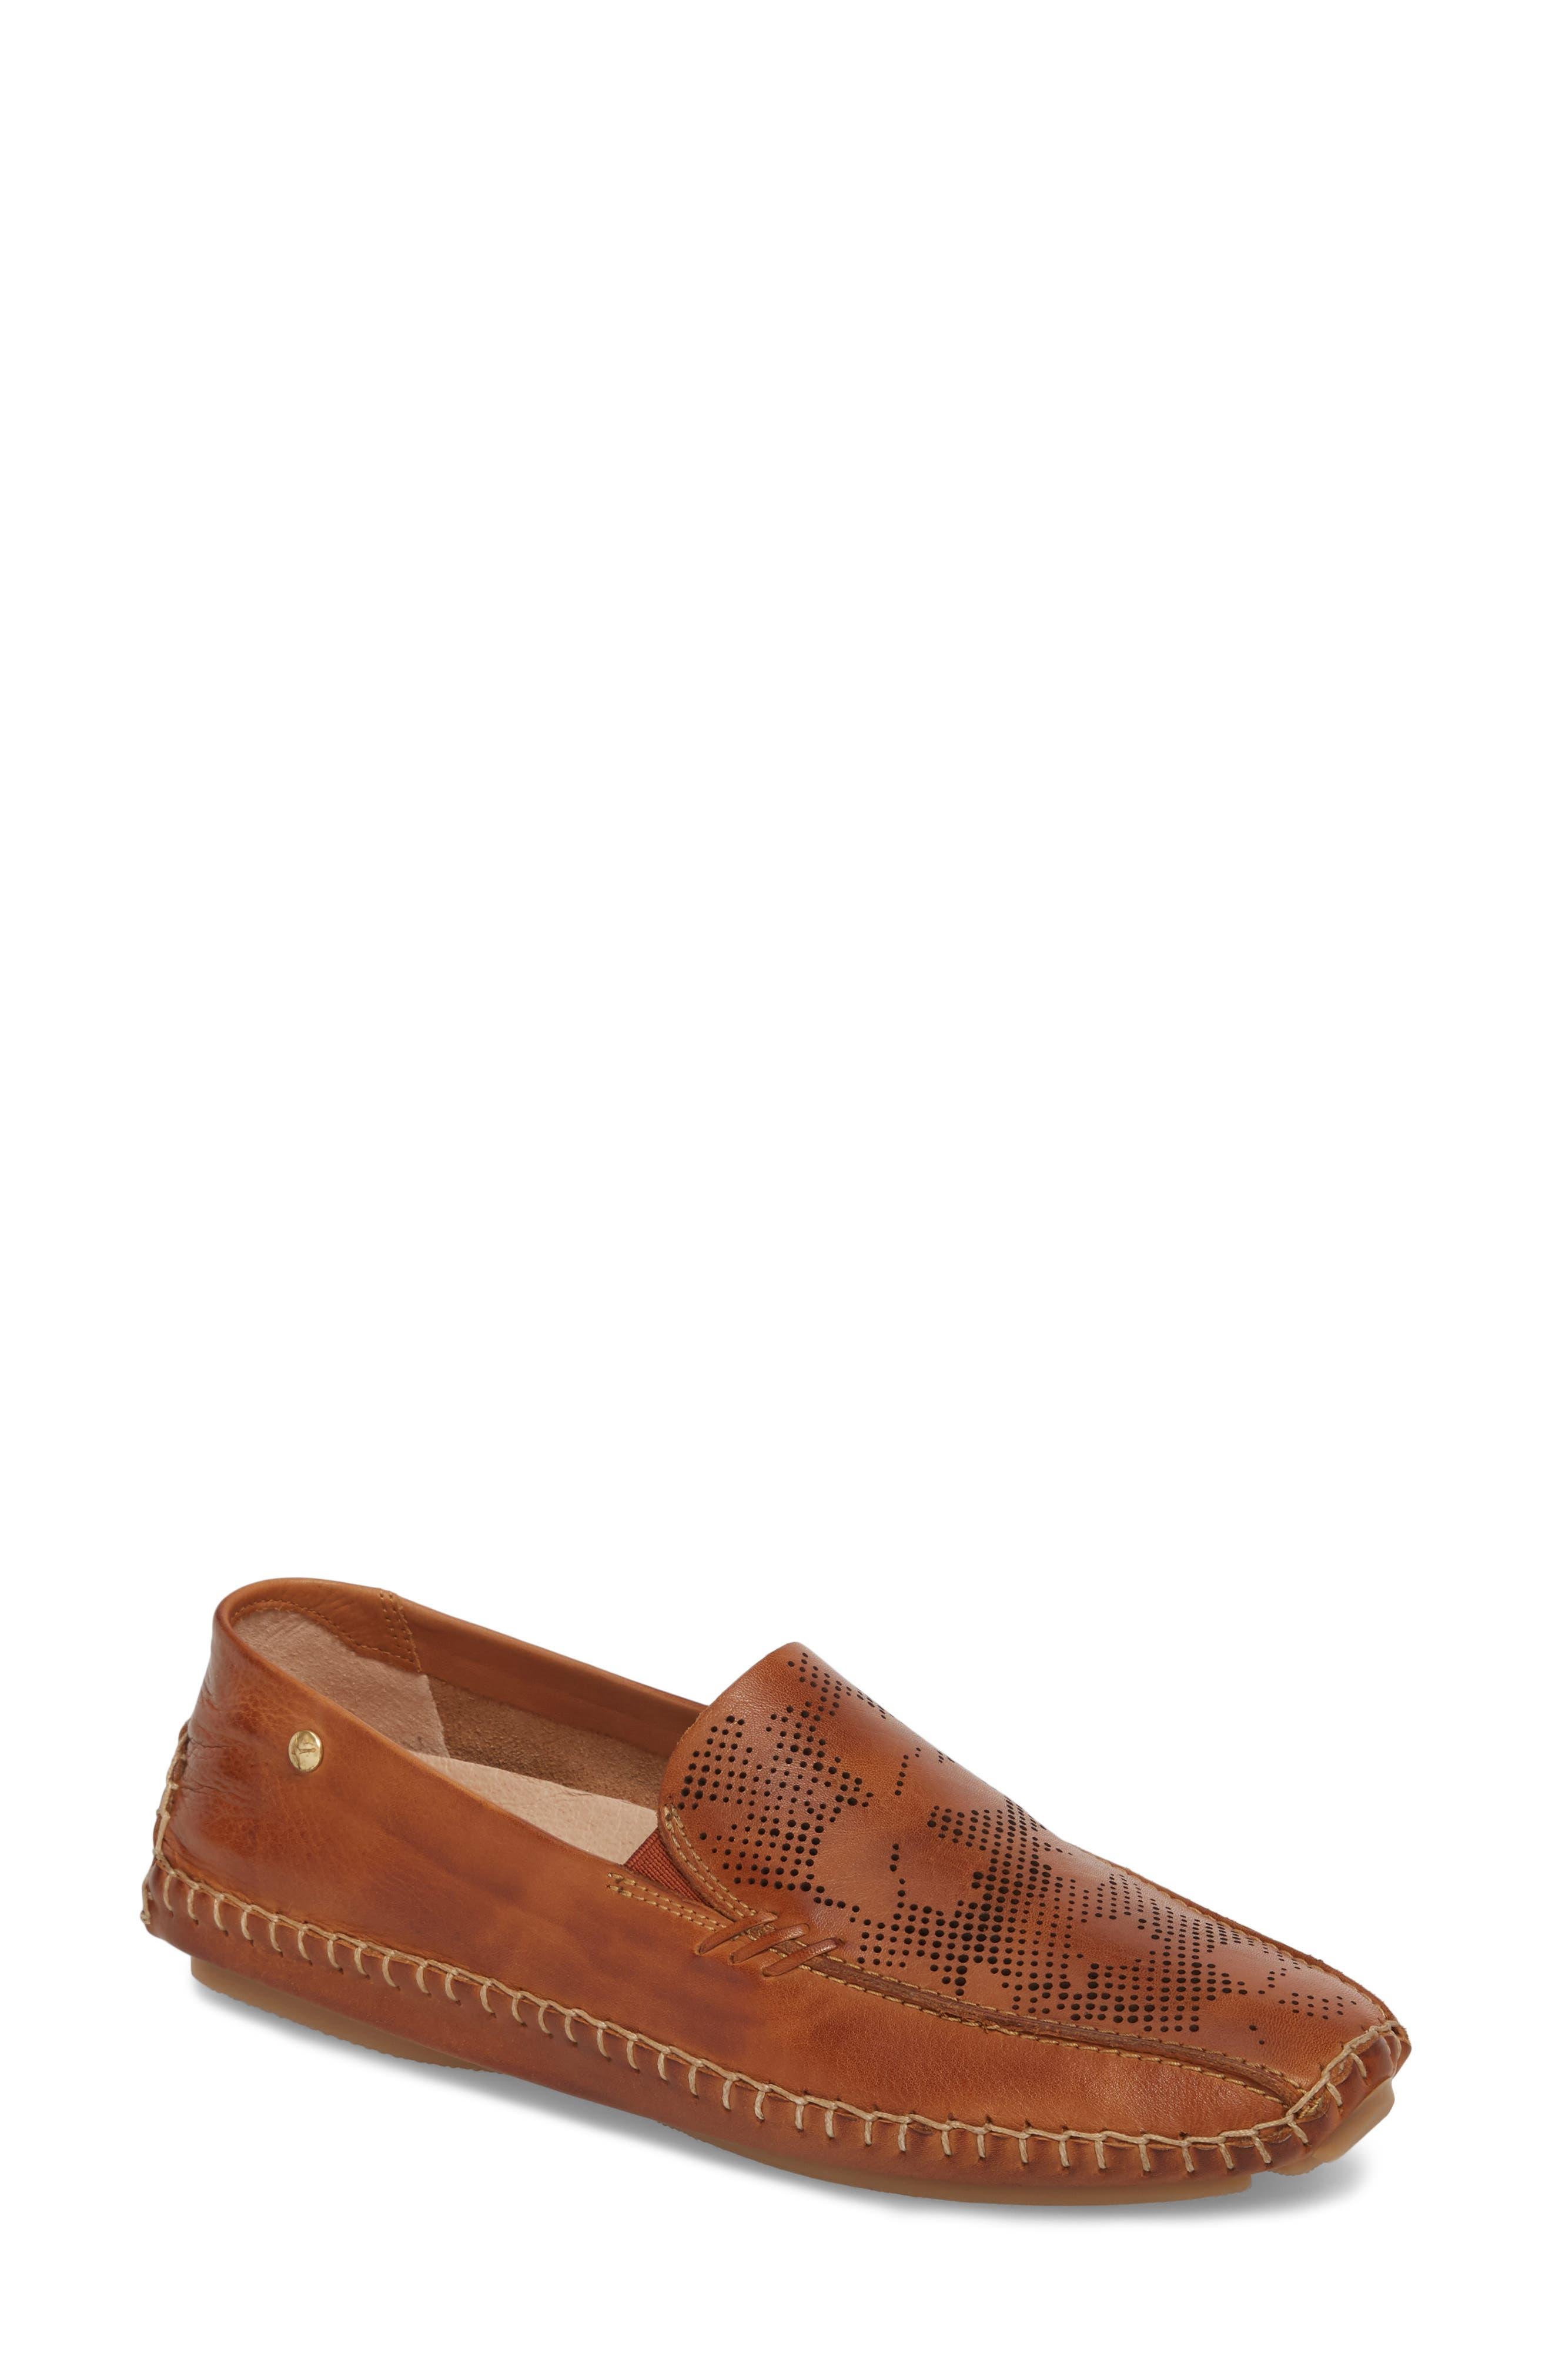 Jerez Loafer,                         Main,                         color, 200